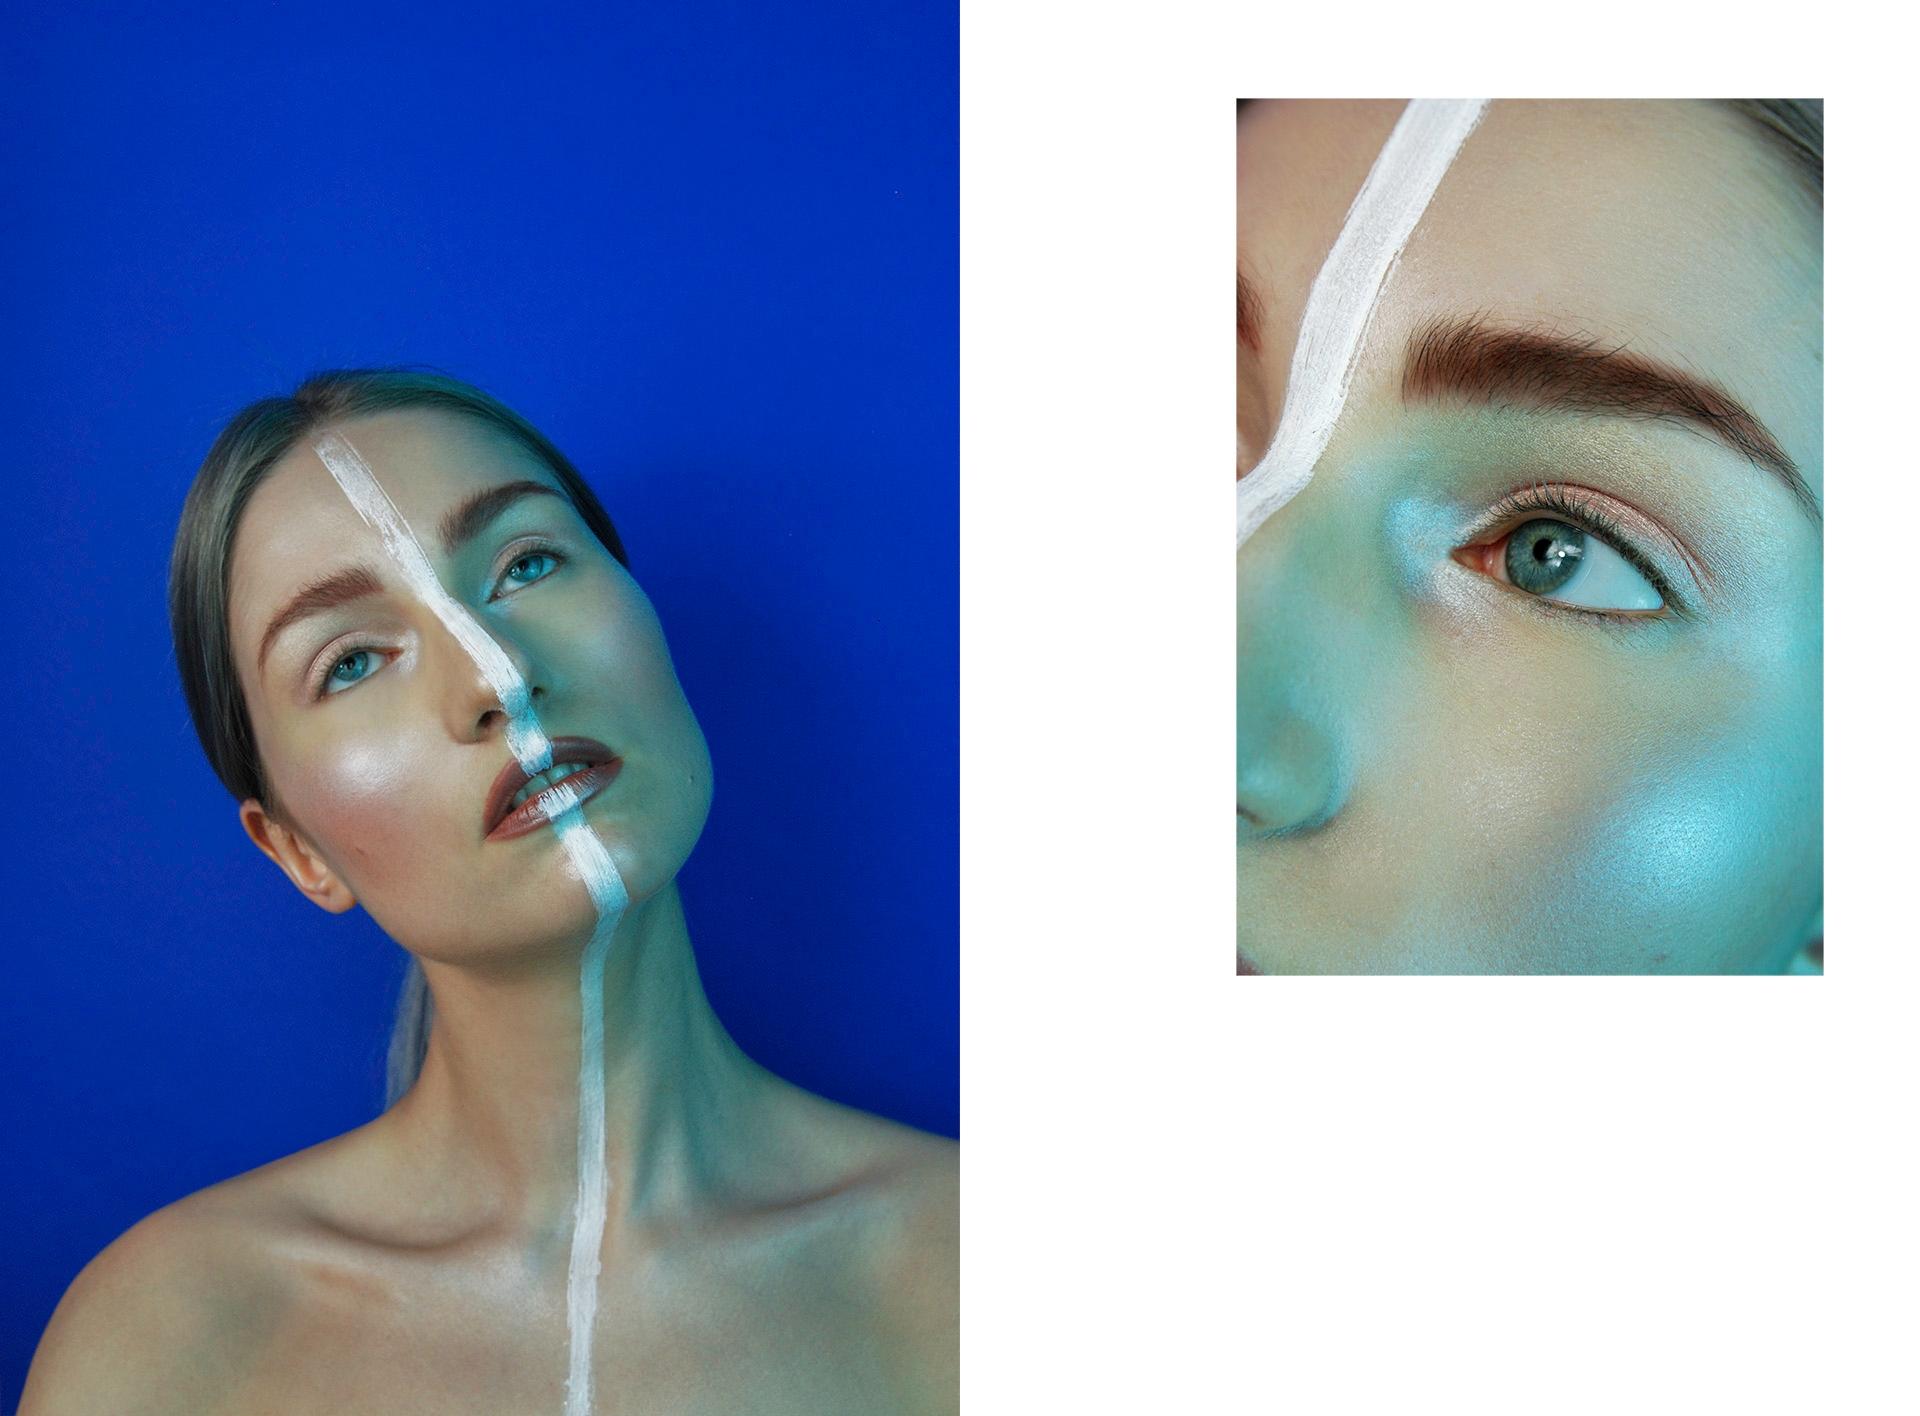 Obraz przedstawia dwa zdjęcie. Z lewej strony widzimy portret młodej kobiety, która zerka w górę i ma namalowaną białą linię biegnącą przez twarz i ciało. Z prawej strony widzimy fragment twarzy kobiety.